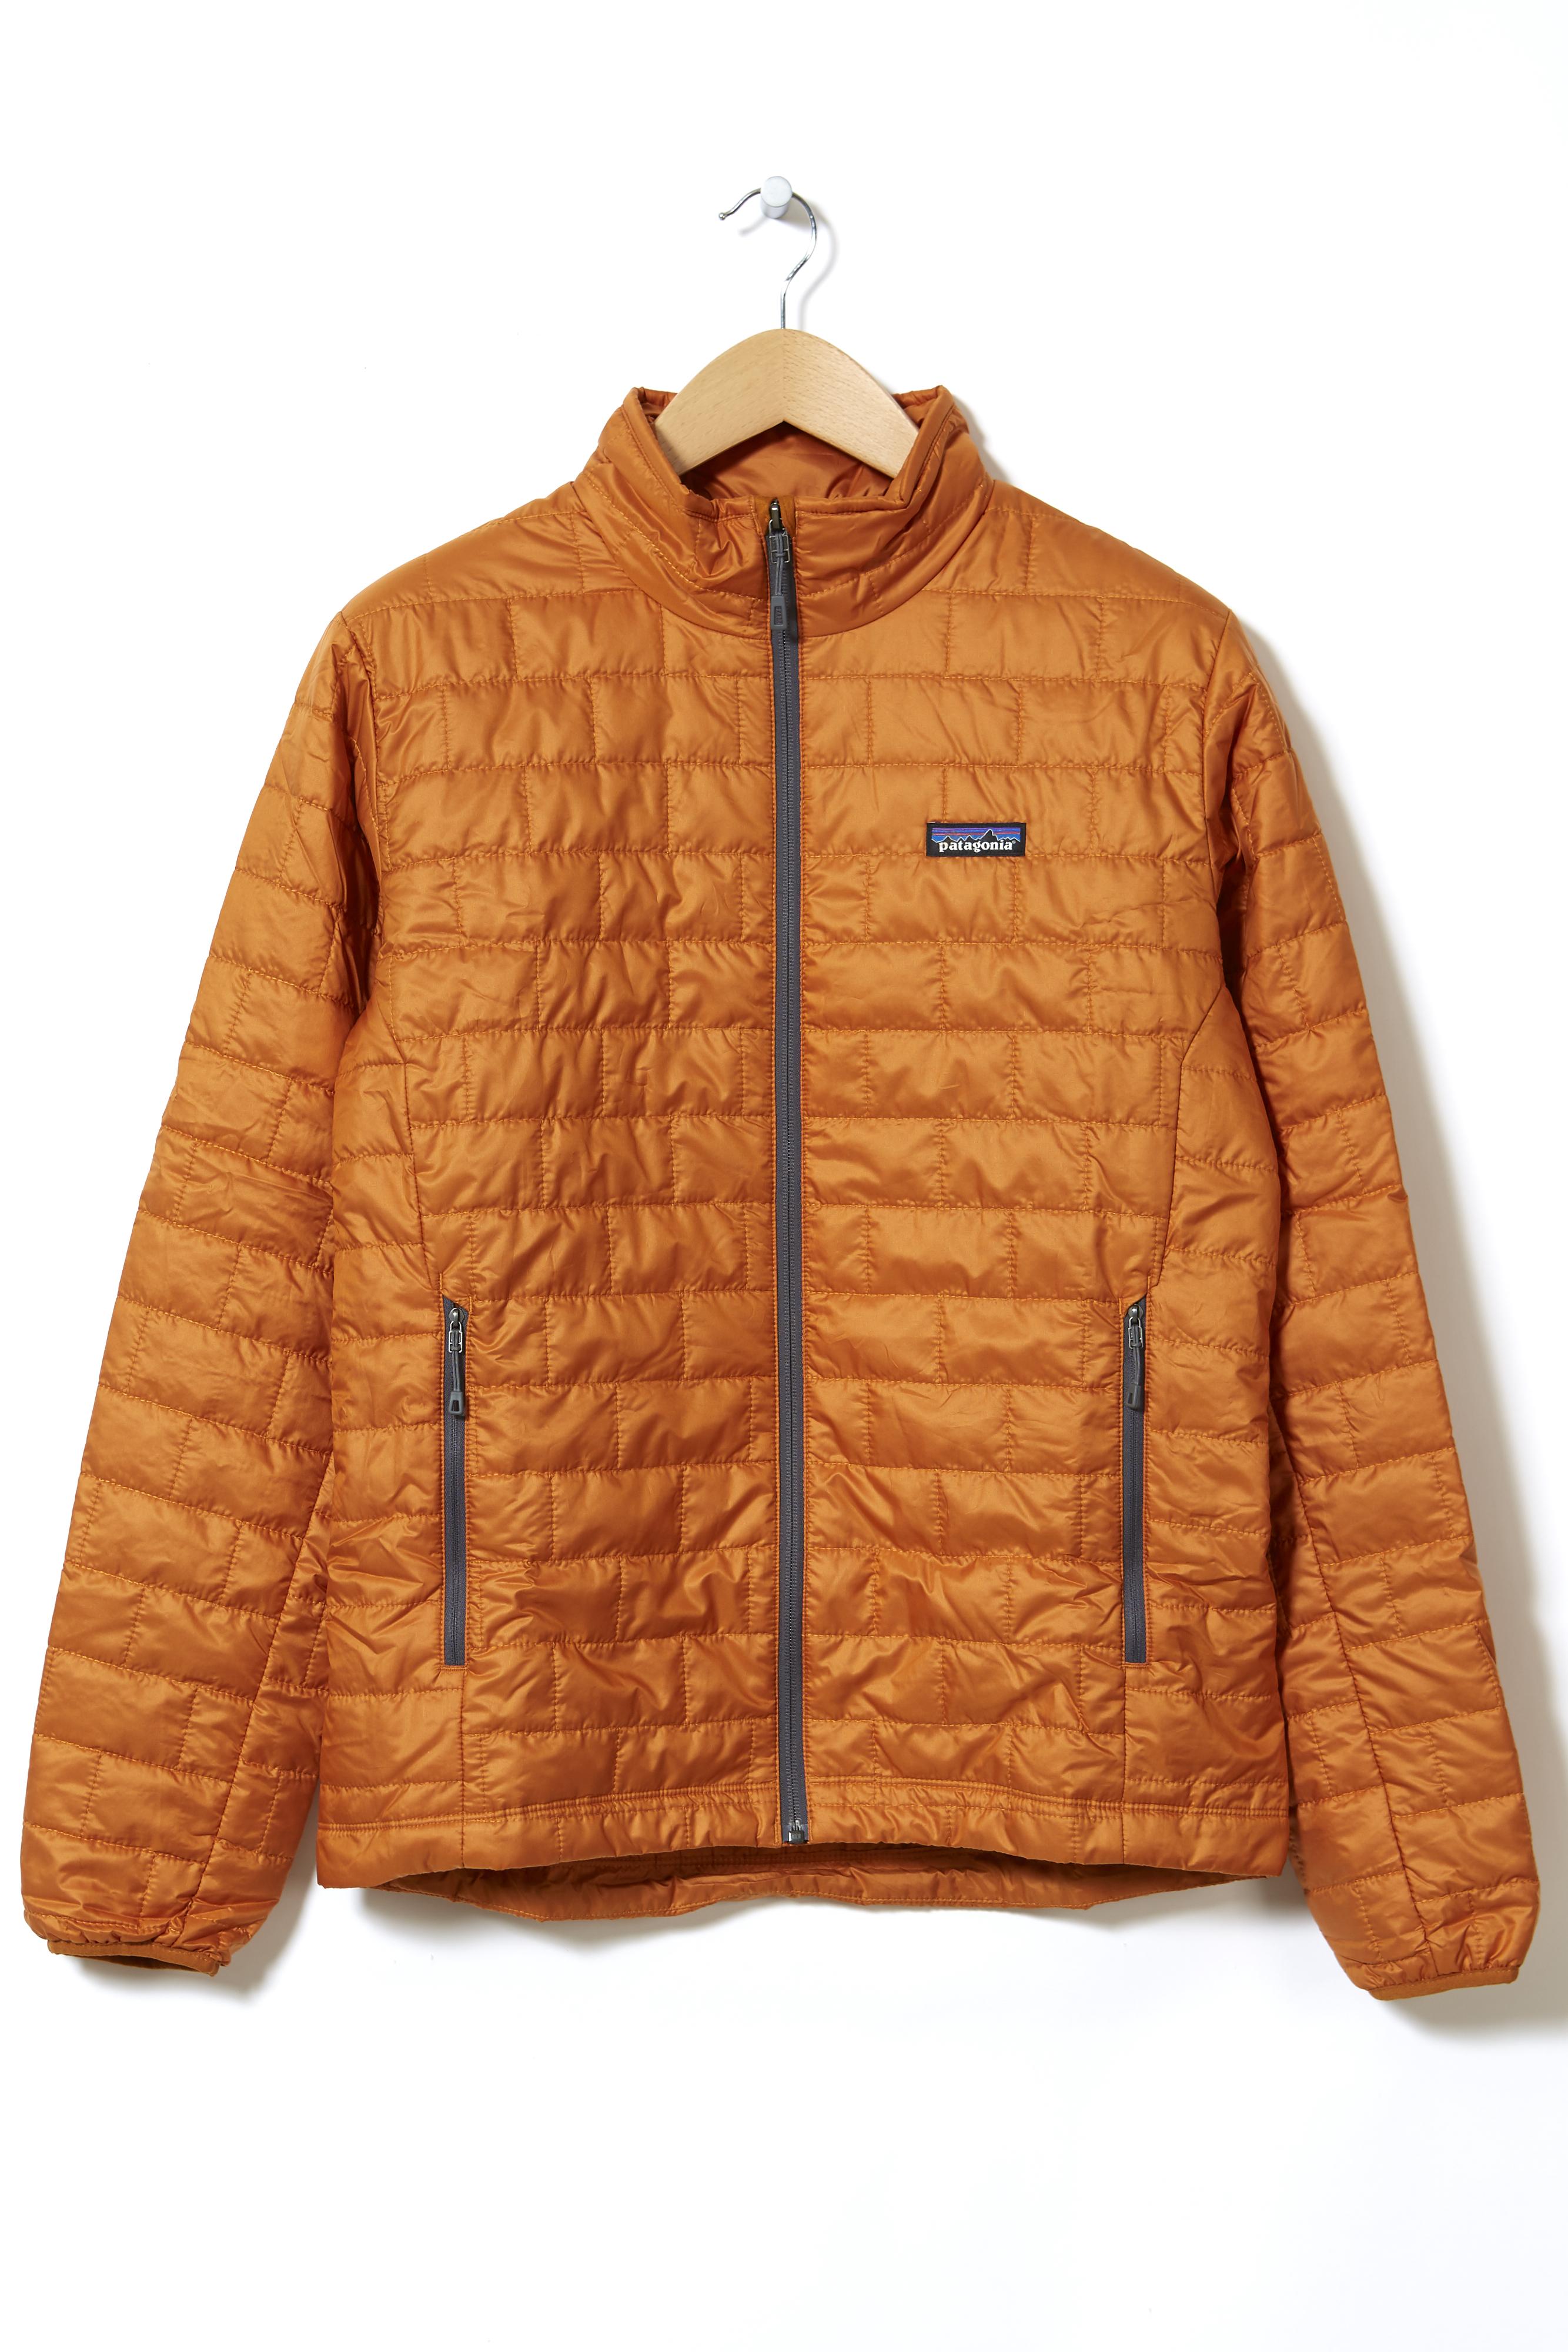 Patagonia Men's Nano Puff Jacket 0